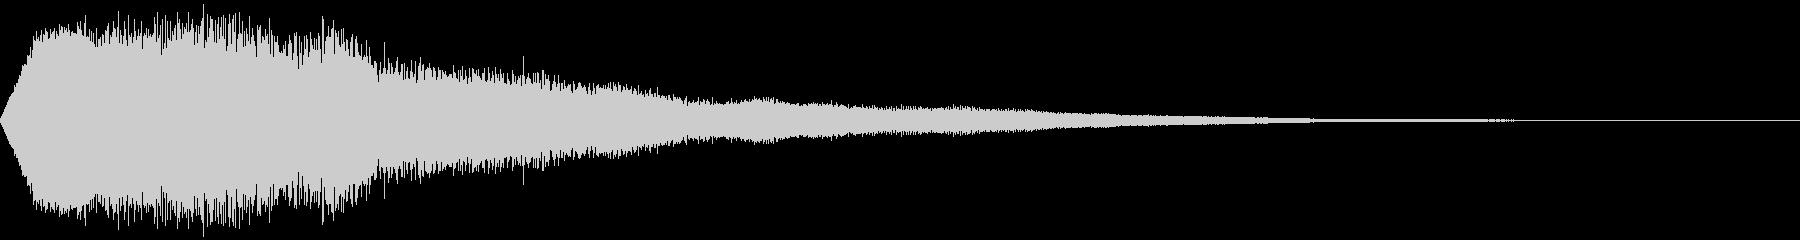 【ダーク・ホラー】アトモスフィア_09の未再生の波形